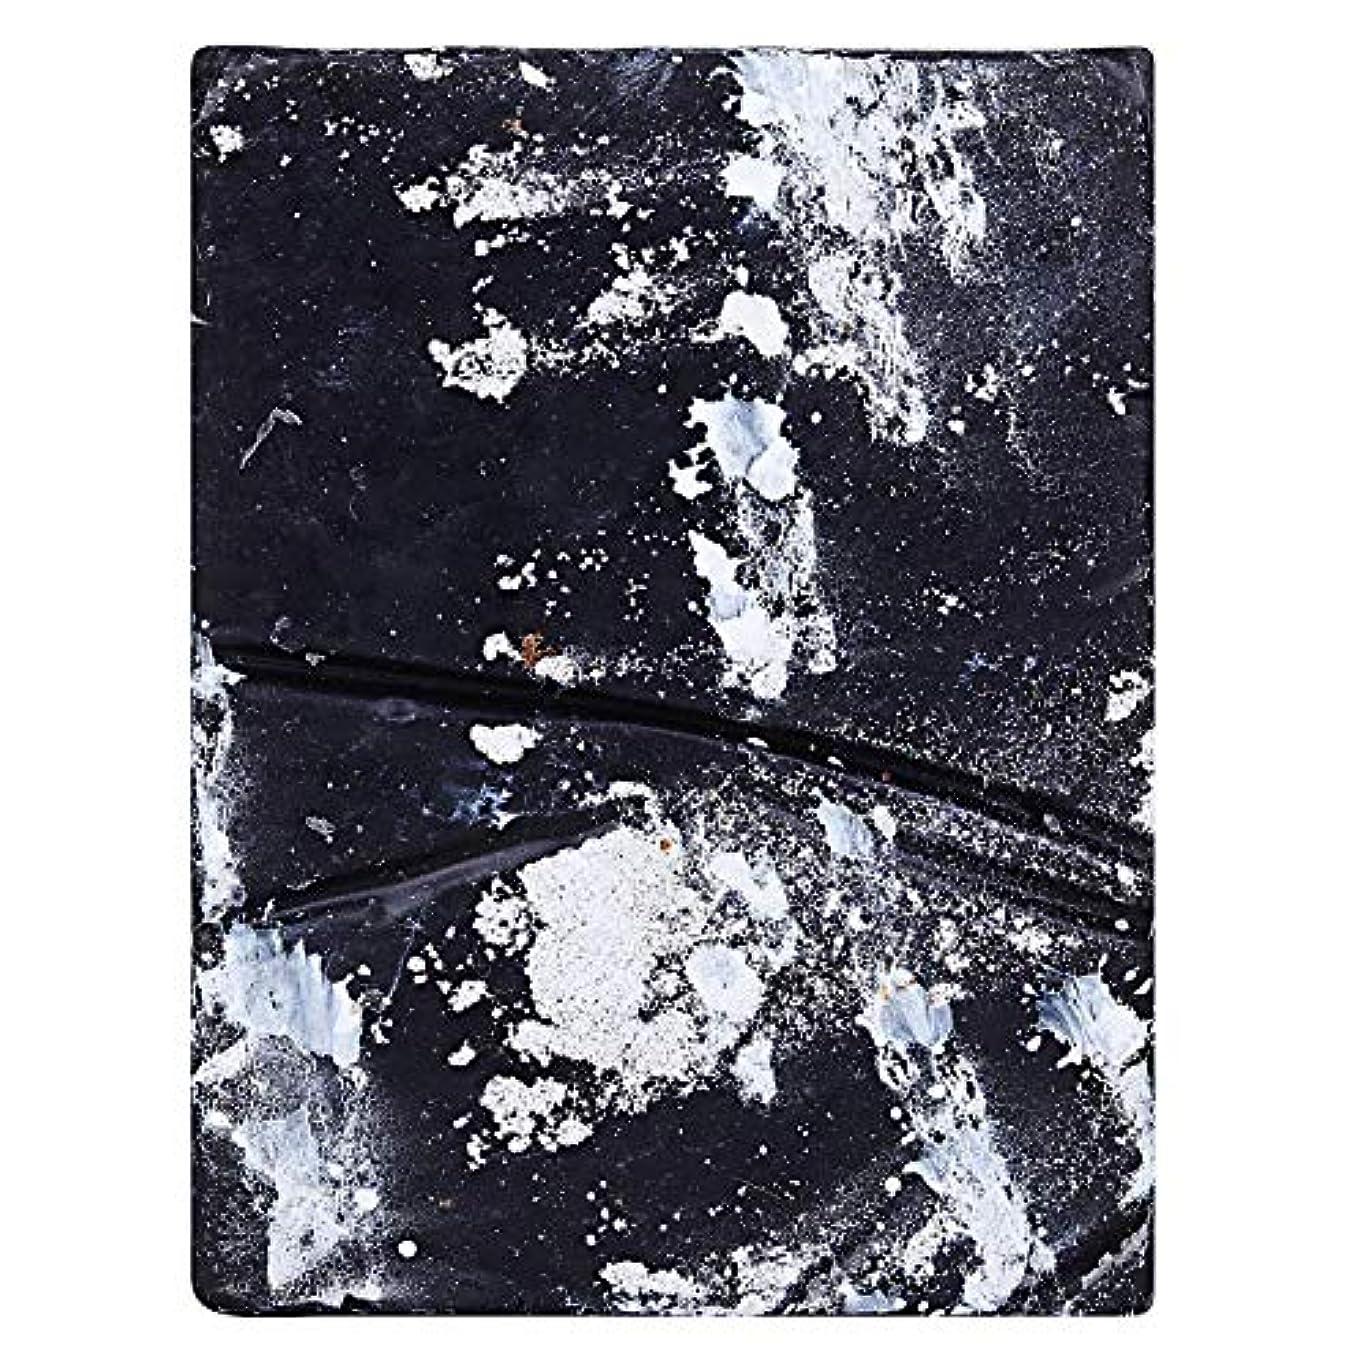 枯渇する挨拶サポートSVATV Handmade Luxury Butter Soap Charcoal Musk & Rosemary For All Skin types 100g Bar